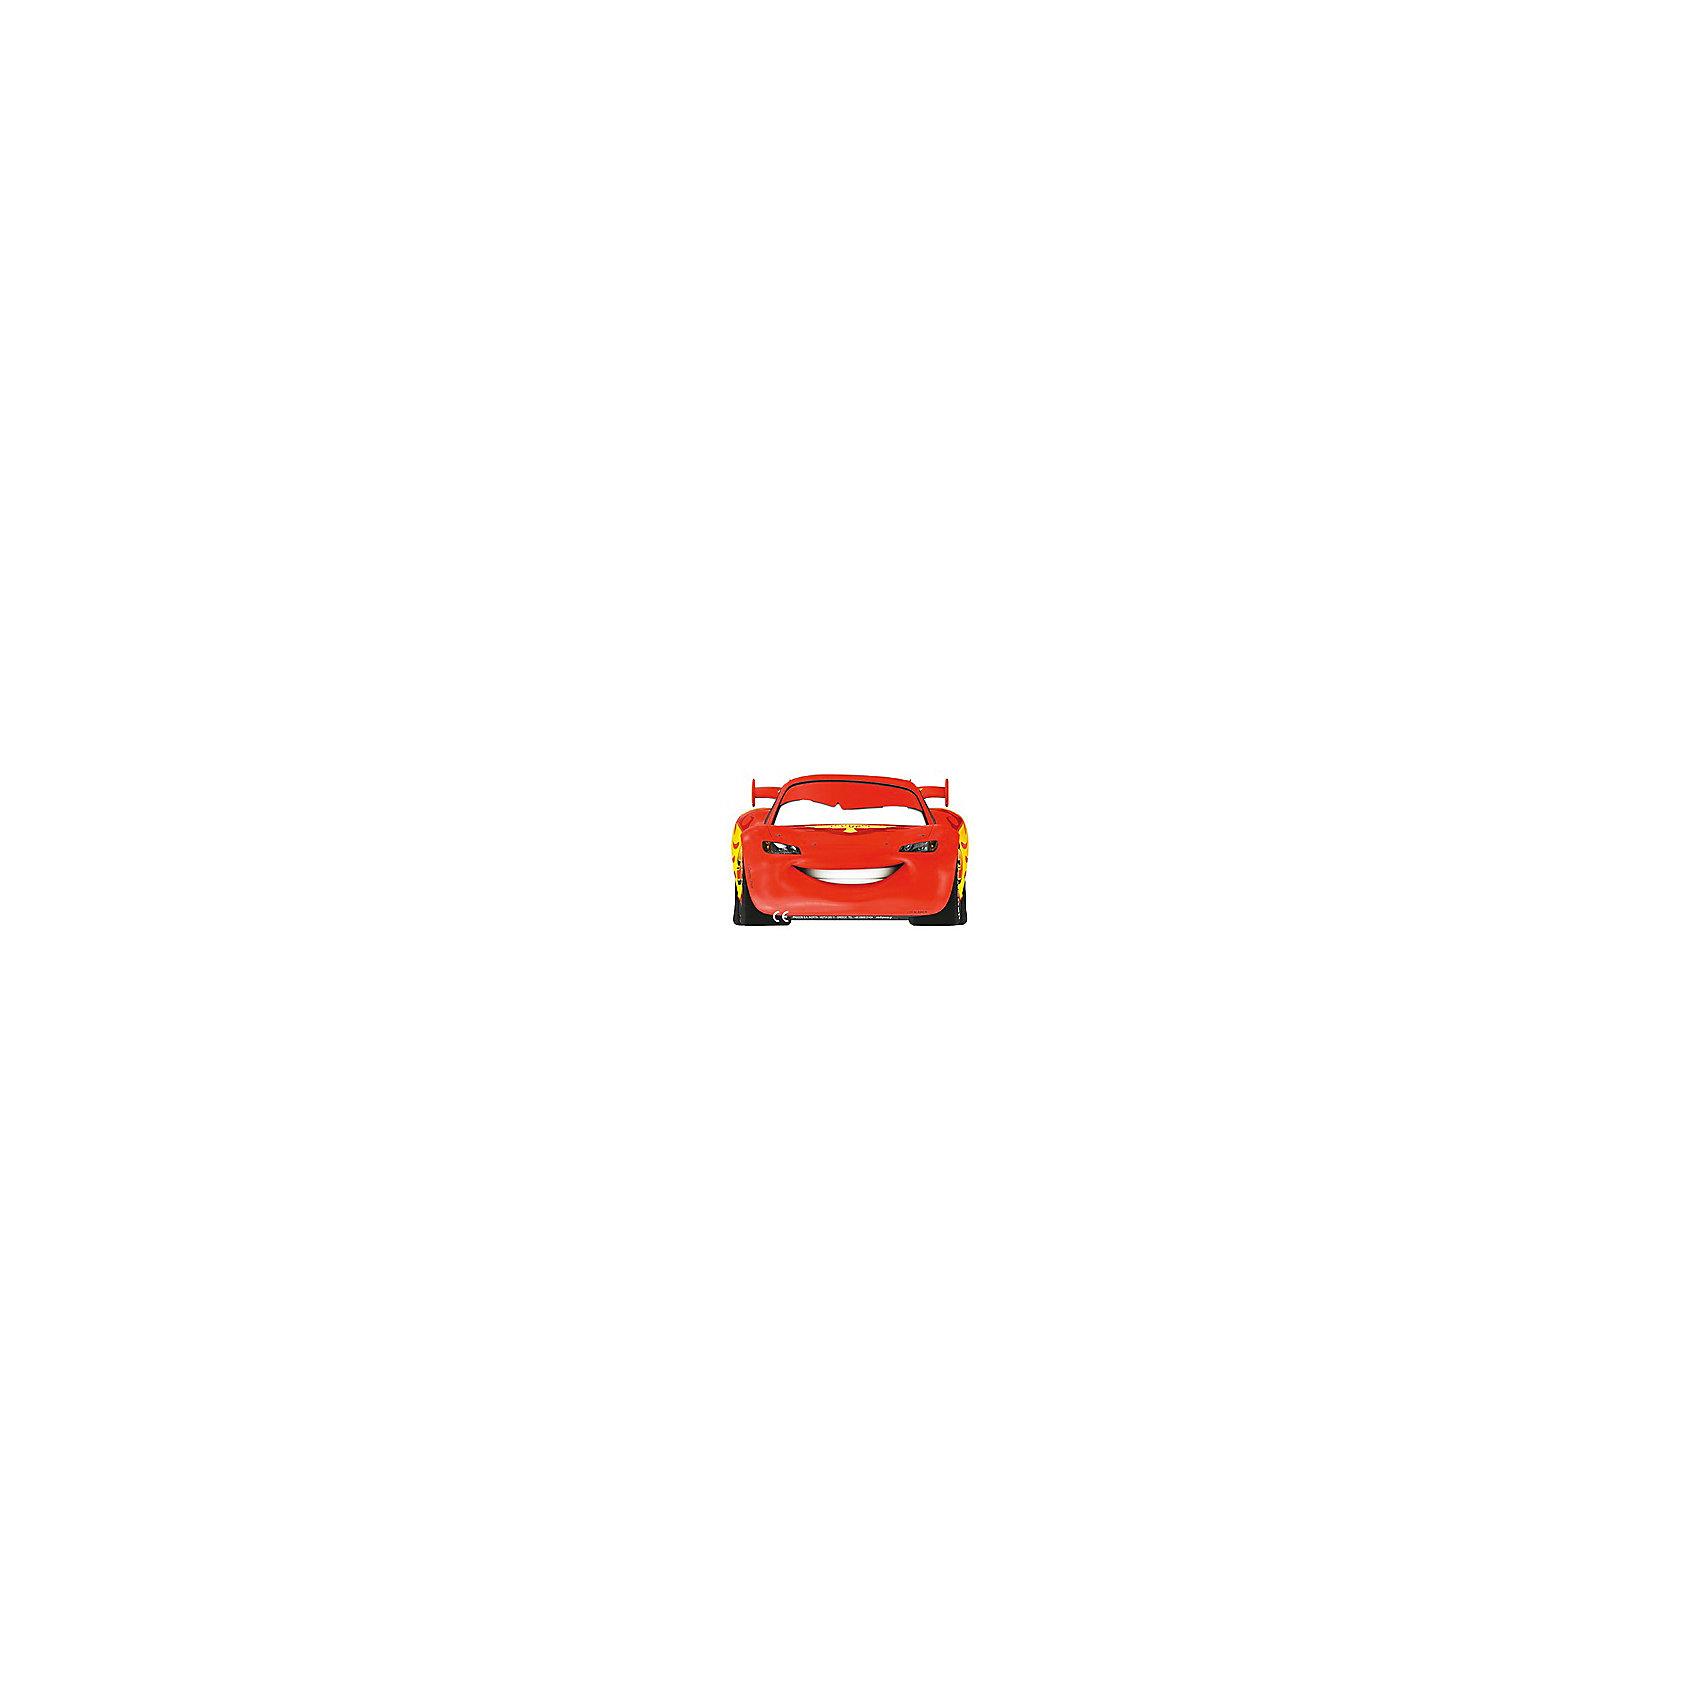 Маски Тачки, 6 шт.Забавный аксессуар для детского праздника маски Тачки порадует маленьких гостей и будет создавать атмосферу веселья и радости. Комплект включает в себя 6 бумажных масок, выполненных в виде любимого героя мультфильма Тачки (Cars). Маски изготовлены из высококачественных и нетоксичных материалов, которые совершенно безопасны для детского здоровья.<br><br>Дополнительная информация:<br><br>- В комплекте: 6 шт.<br>- Материал: бумага.<br>- Размер упаковки: 1,5 х 16,5 х 19 см.<br>- Вес: 43 гр.<br><br>Маски Тачки, 6 шт., можно купить в нашем интернет-магазине.<br><br>Ширина мм: 15<br>Глубина мм: 165<br>Высота мм: 190<br>Вес г: 43<br>Возраст от месяцев: 36<br>Возраст до месяцев: 84<br>Пол: Мужской<br>Возраст: Детский<br>SKU: 4008387